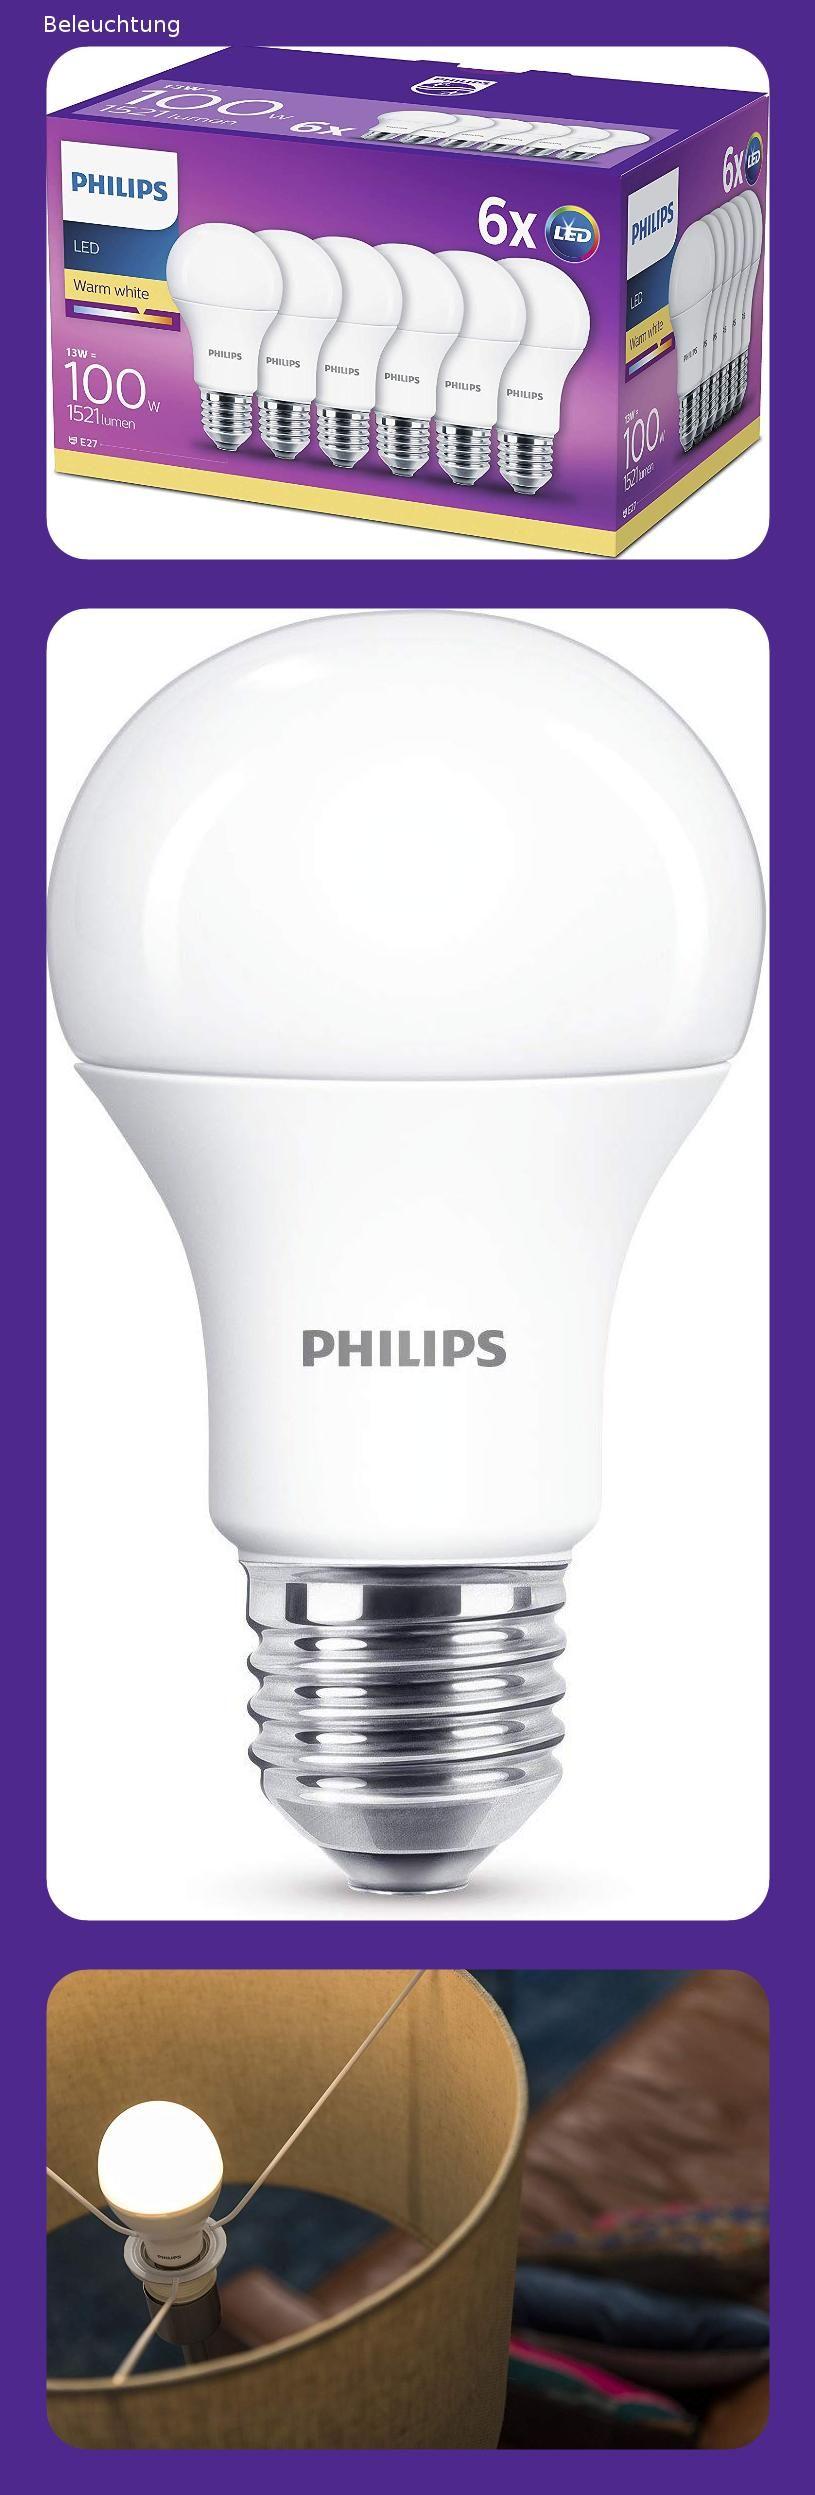 Philips 8718696577035 Eek A Led Lampe 13w Ersetzt 100w E27 Warmweiss 2700 Kelvin 6 Er Pack Energieklasse A In 2020 Led Lampe Led Lampen